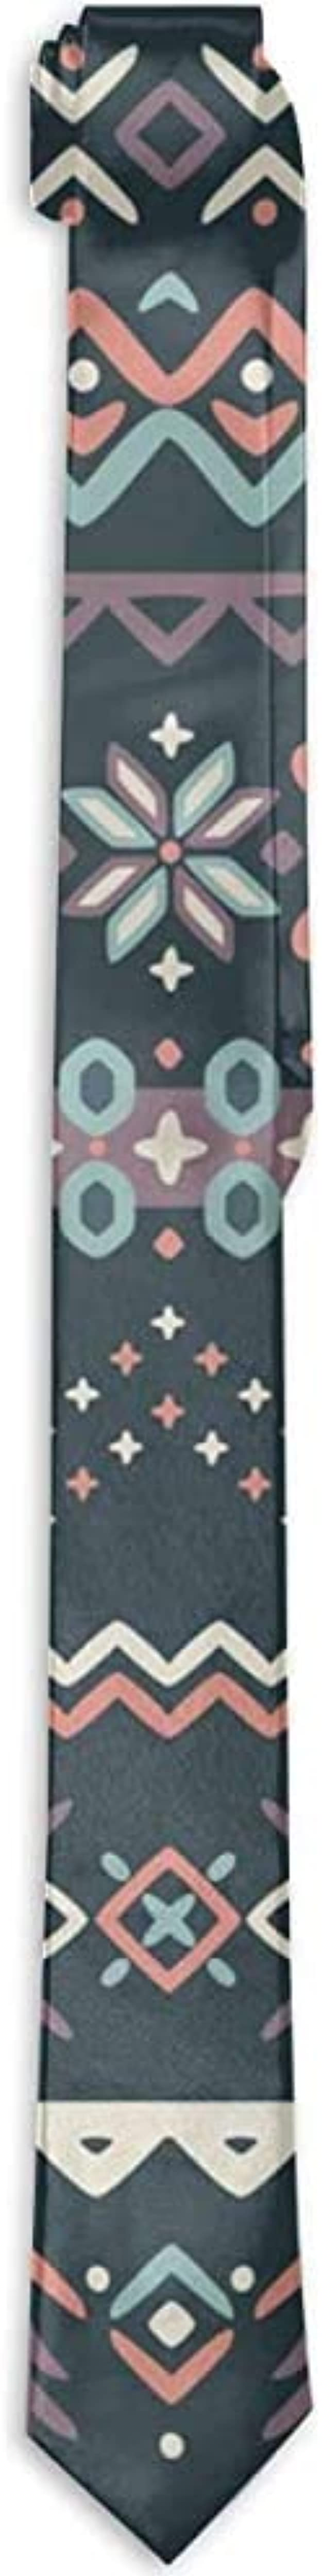 Hombres Corbatas de color liso Corbata delgada Causales de ...